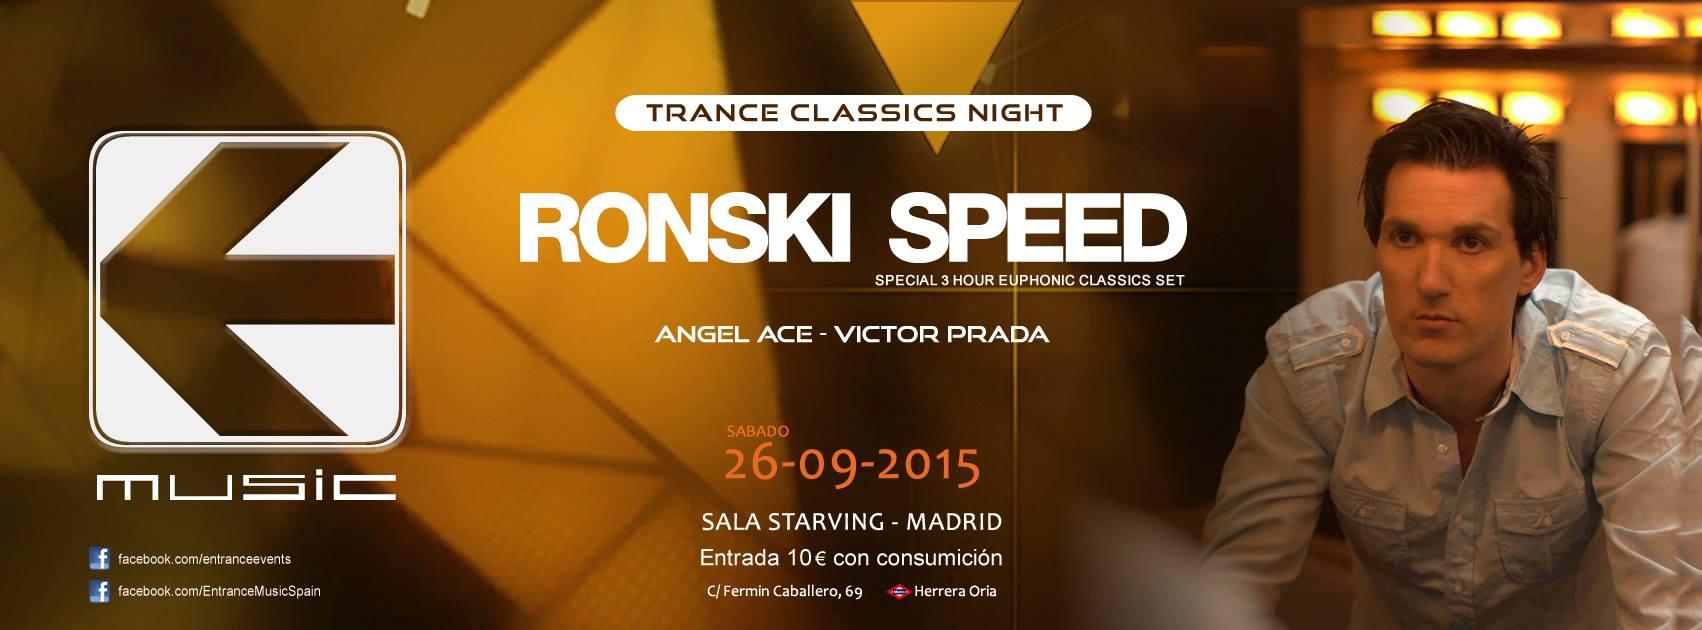 26 de septiembre: Entrance abre temporada con Trance Classics y Ronski Speed como invitado